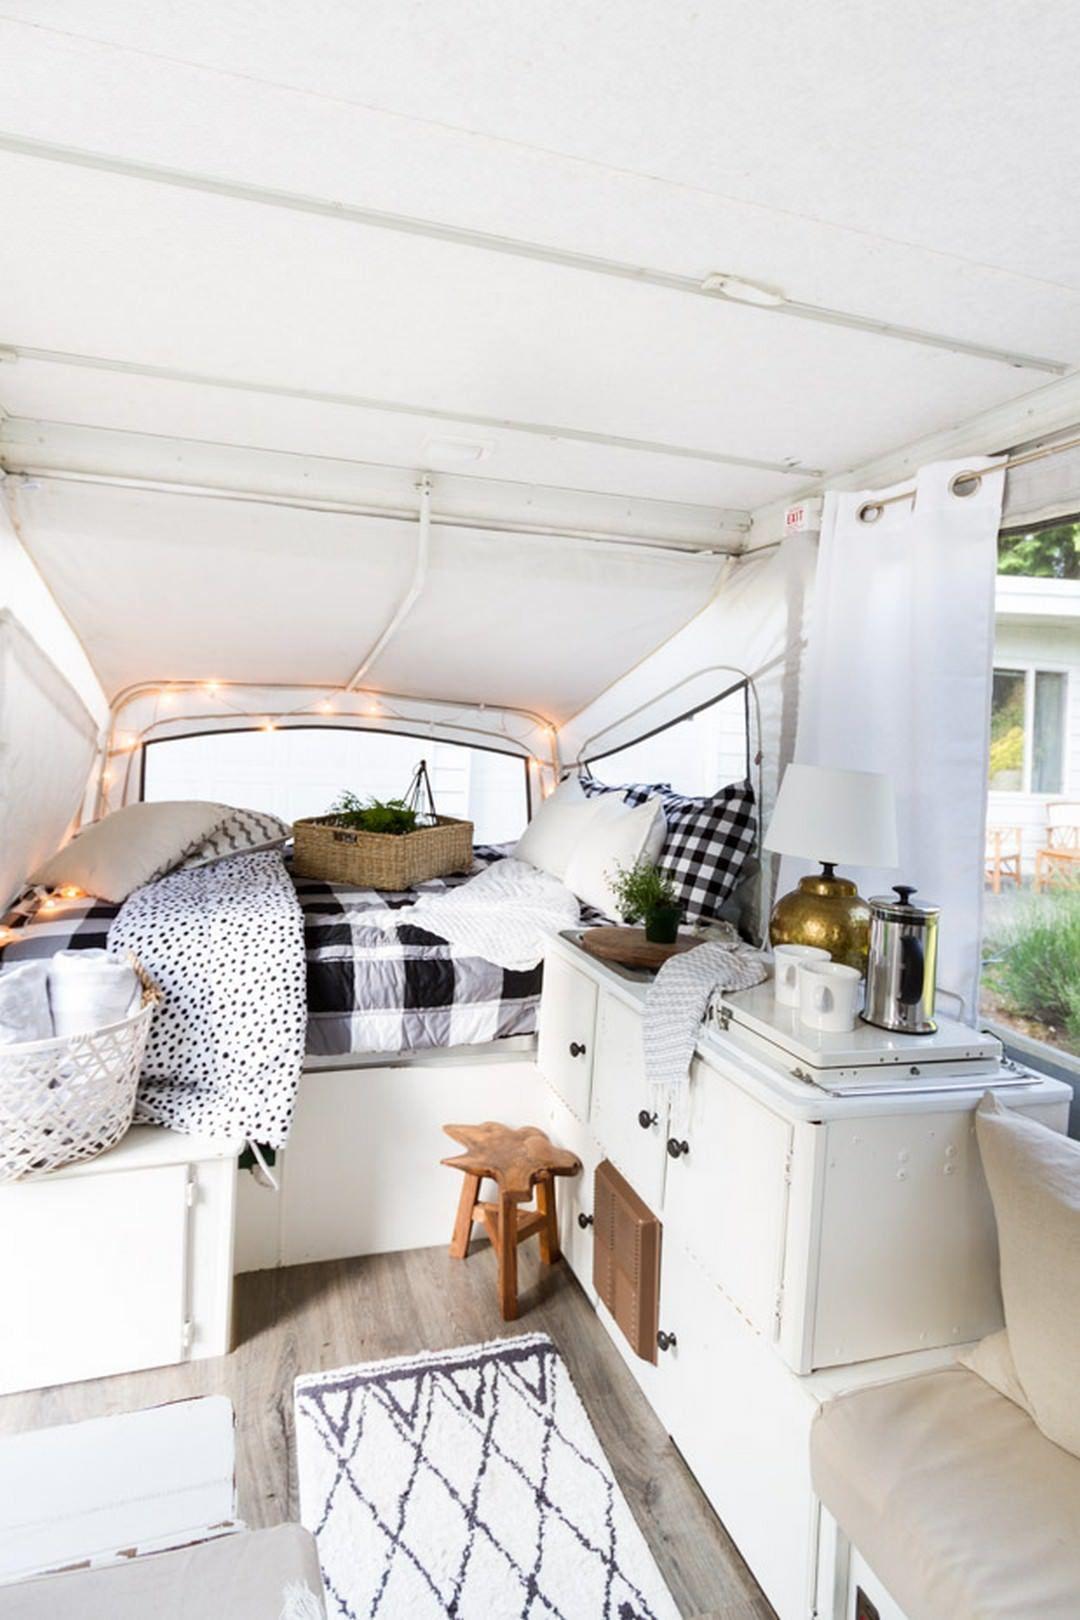 14 Pop Up Camper Makeover Ideas On A Budget | Pinterest | Camper ...